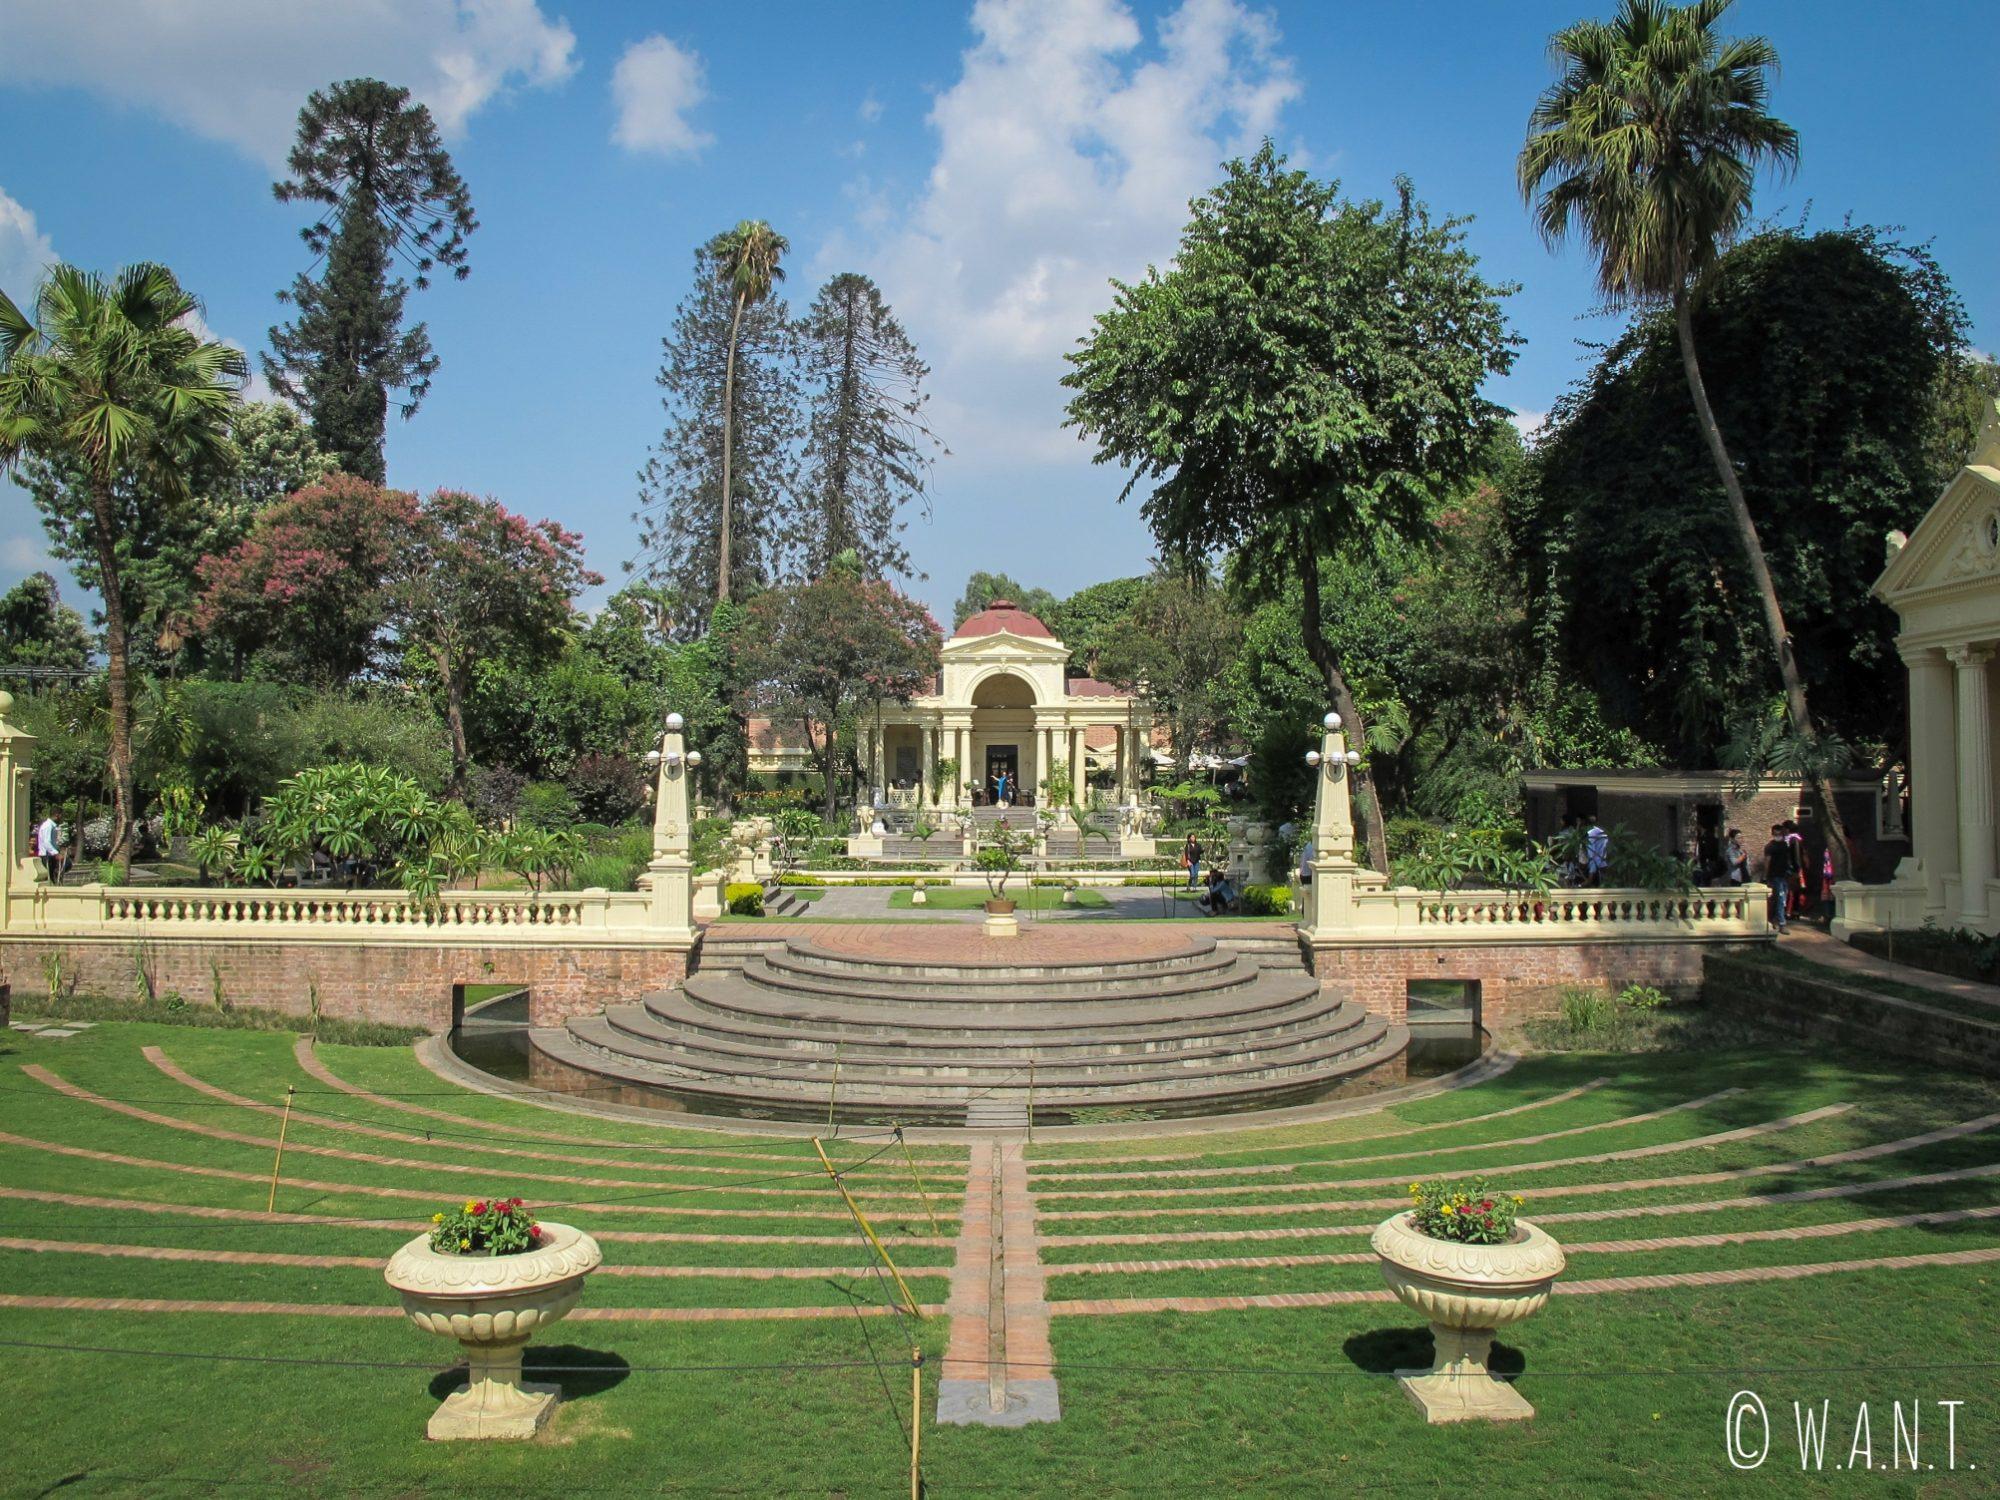 Un théâtre de plein-air a été recréé dans l'enceinte du Garden of Dreams de Katmandou